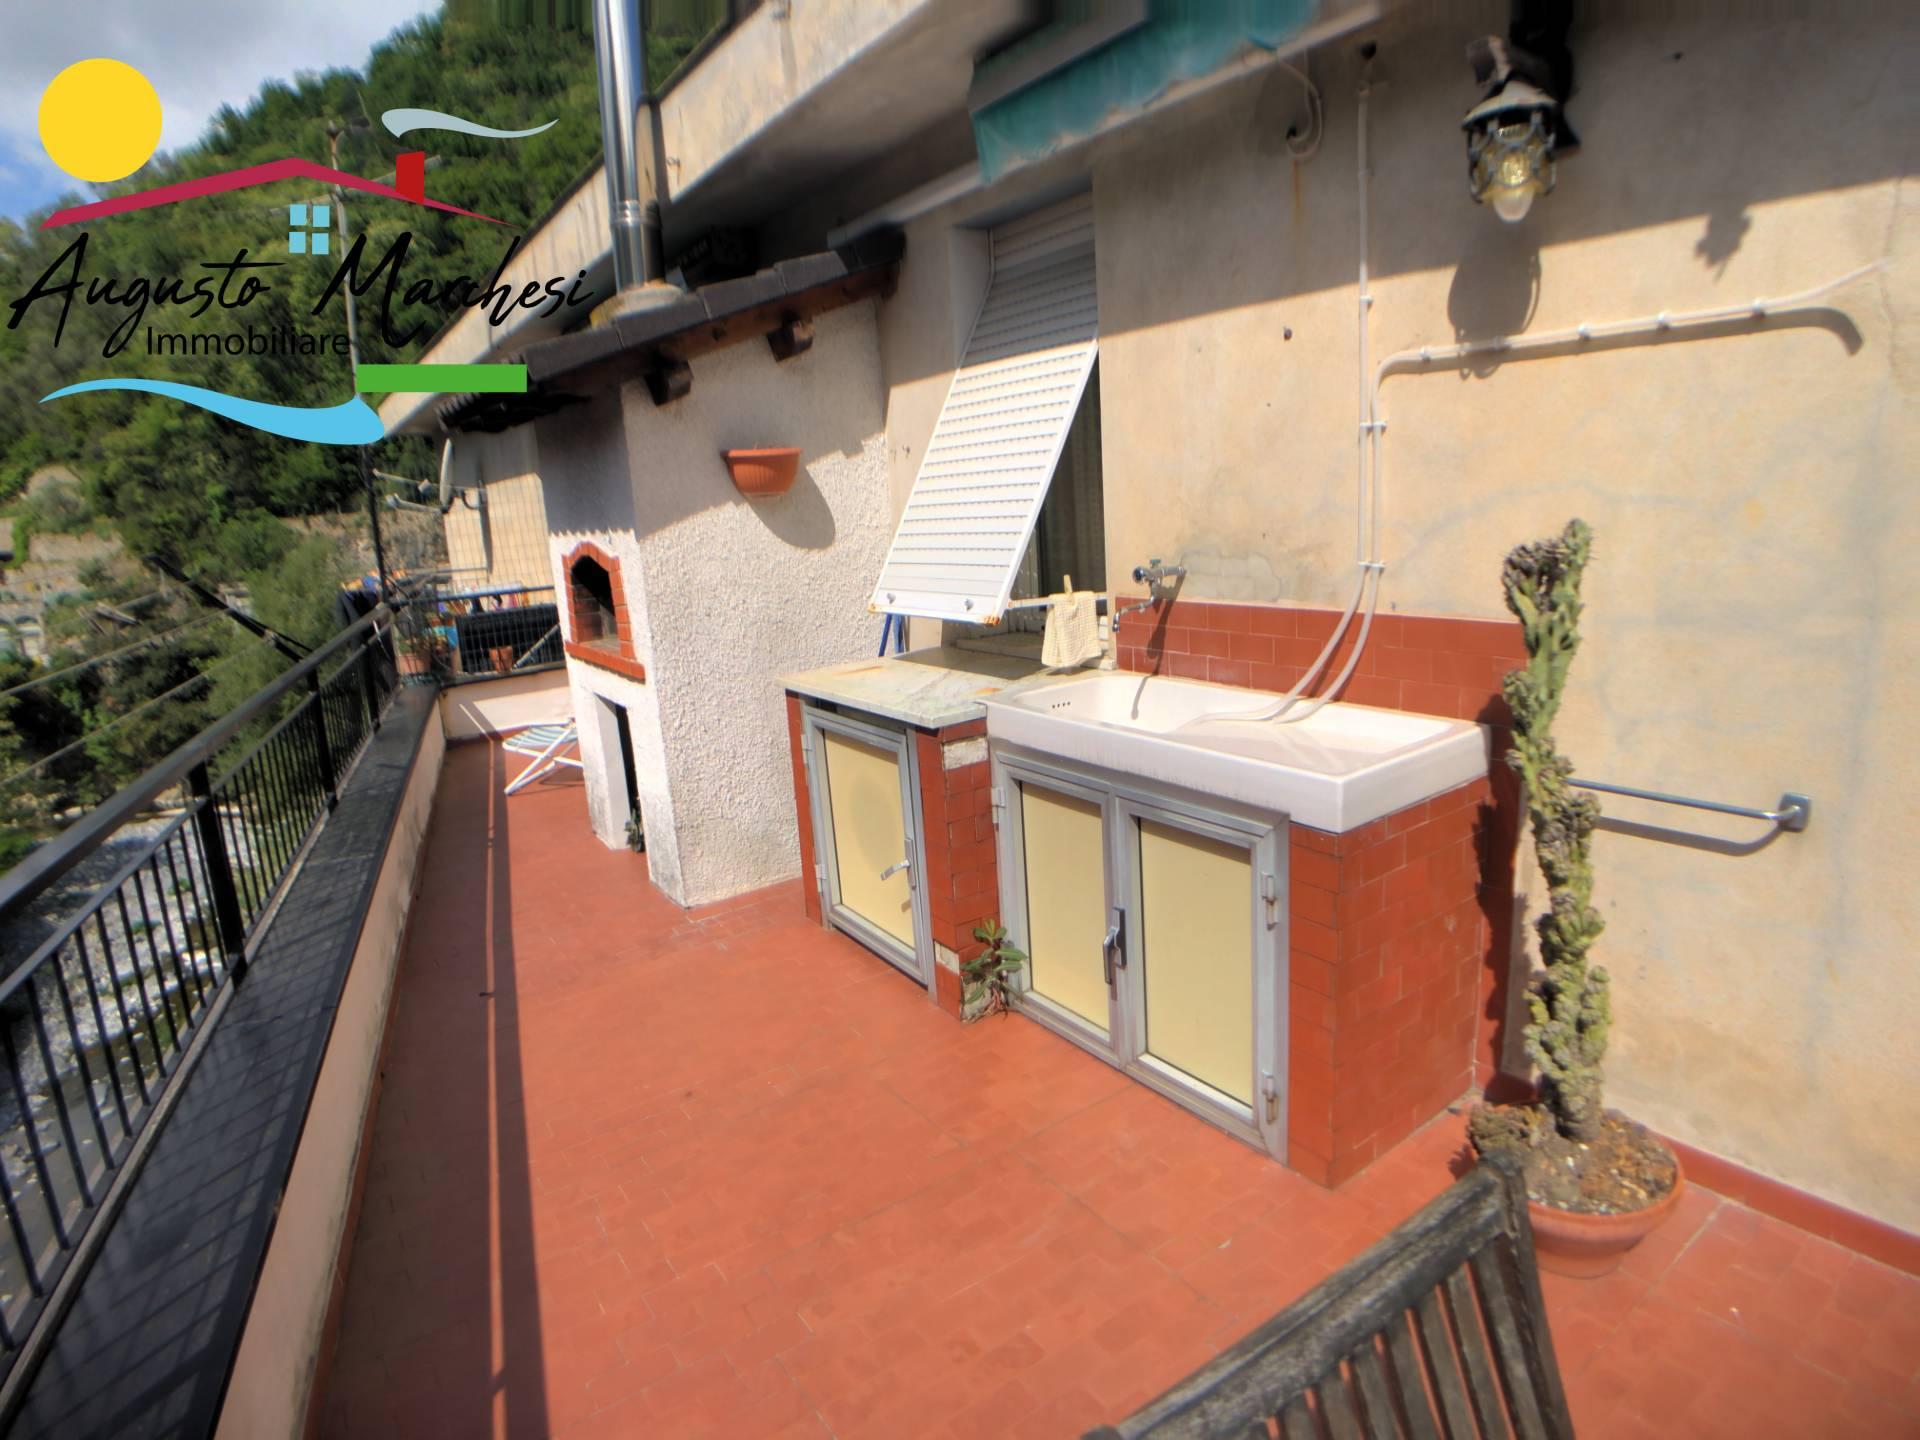 Appartamento in affitto a Avegno, 5 locali, prezzo € 650 | PortaleAgenzieImmobiliari.it